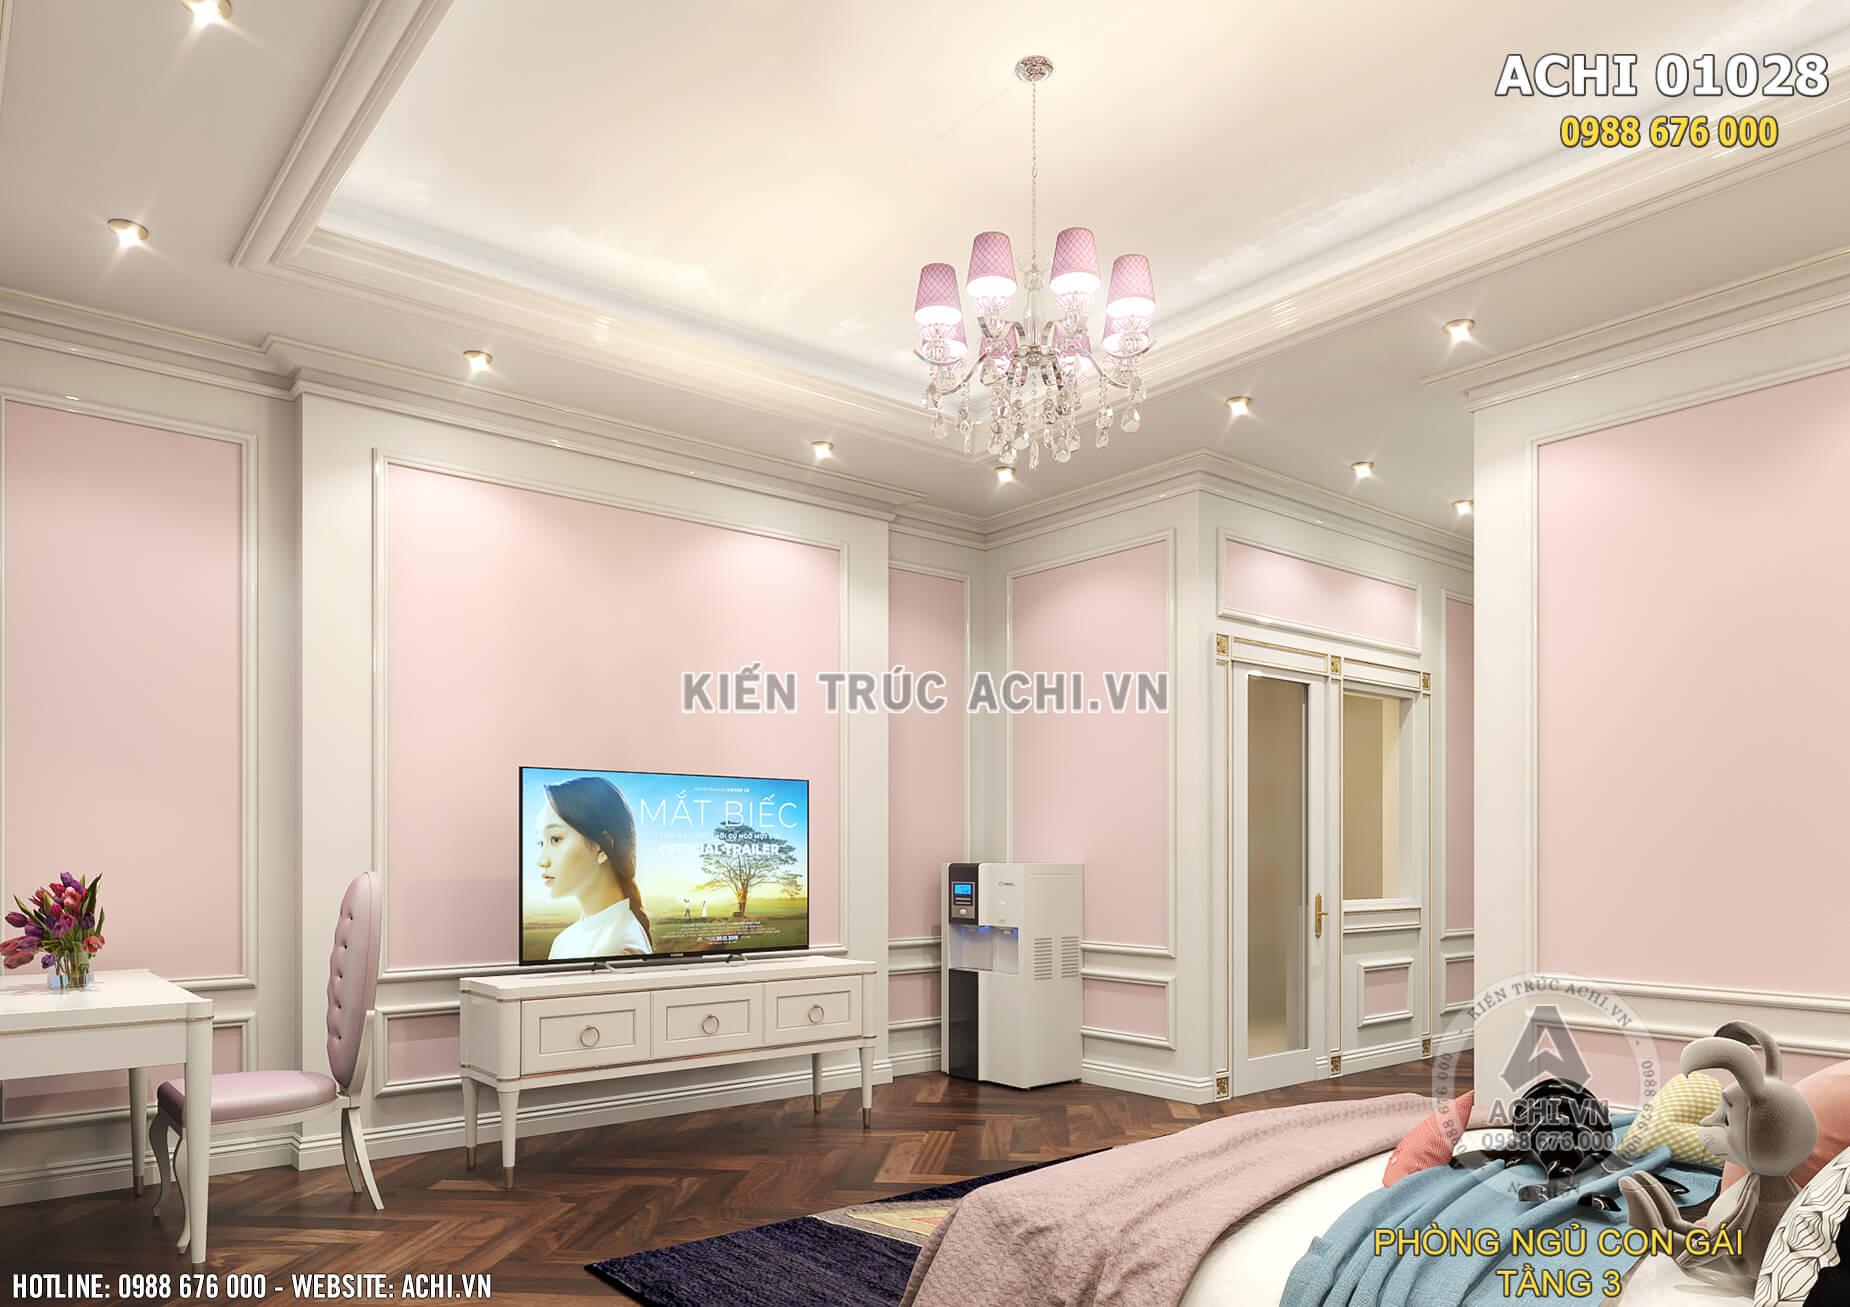 Một góc view của căn phòng ngủ cho con gái trong ngôi biệt thự tân cổ điển